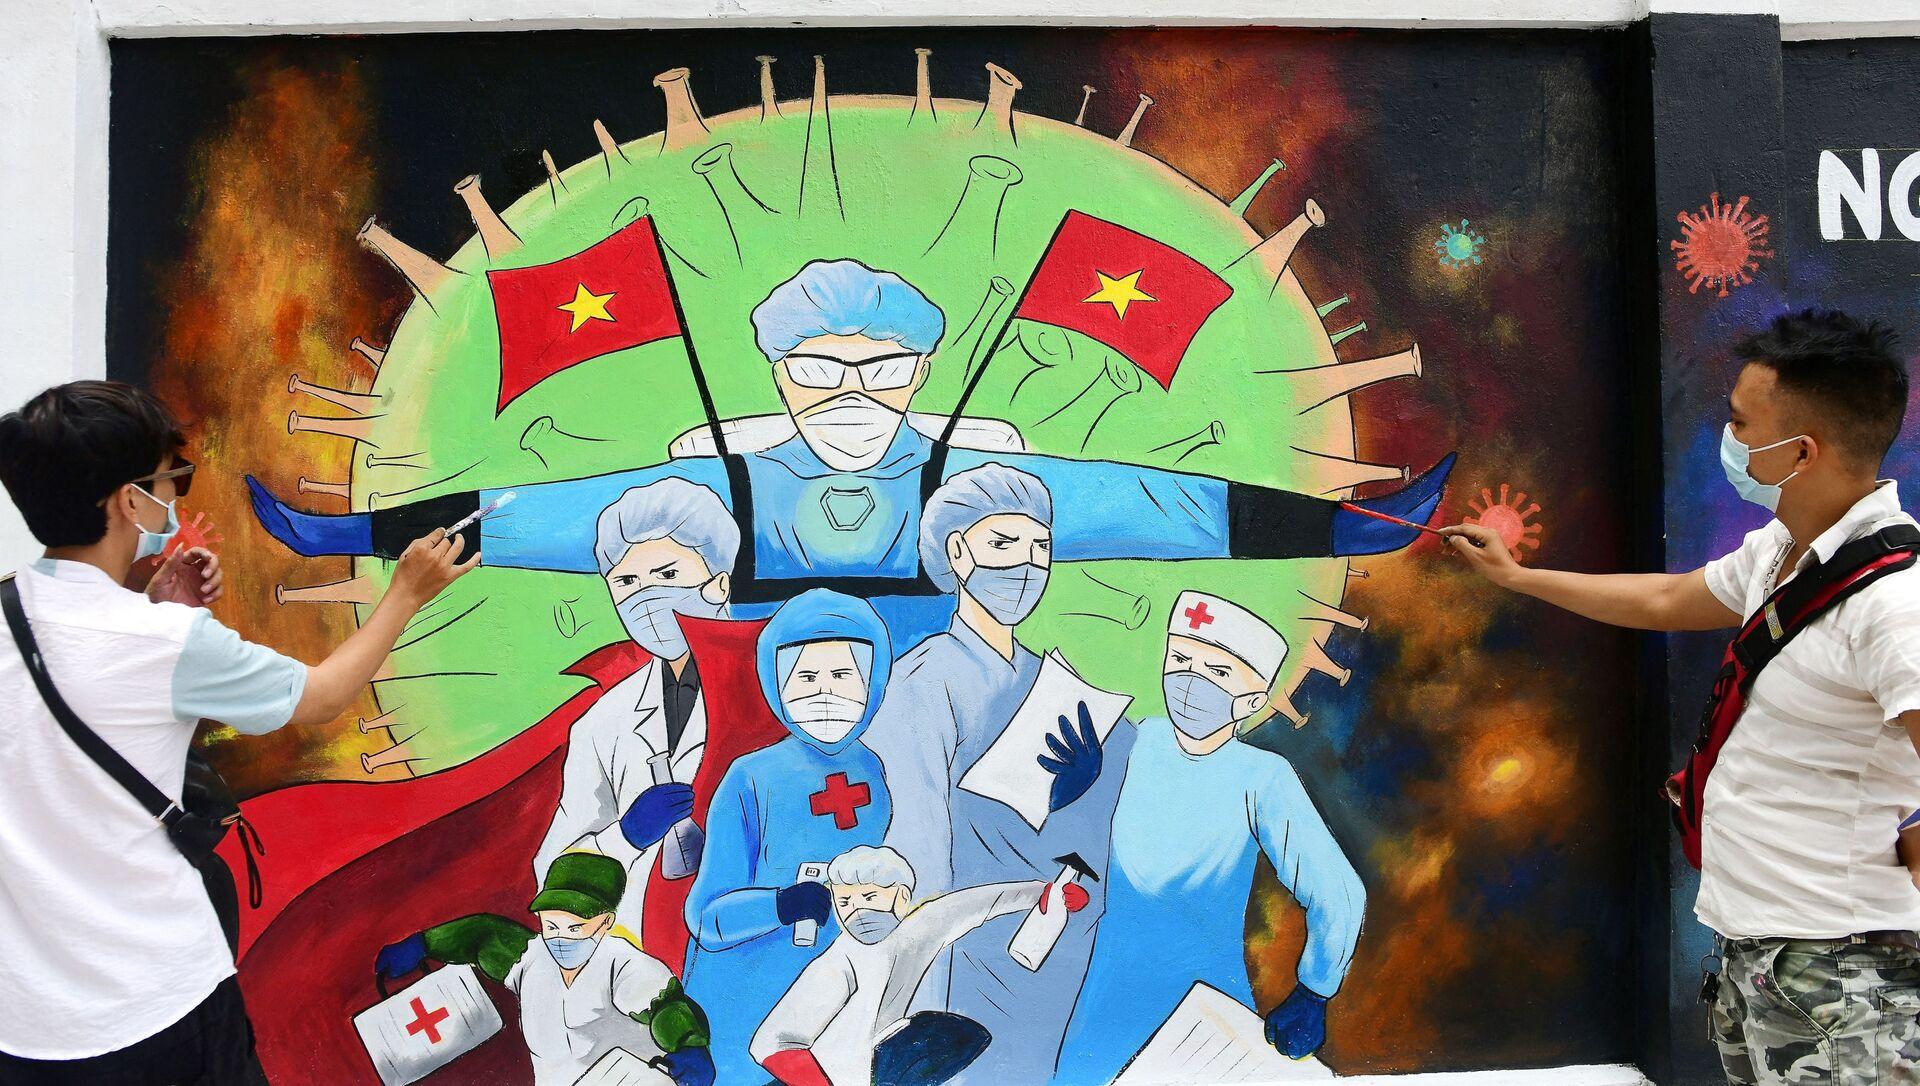 Các nghệ sĩ đường phố vẽ bác sĩ trên tường ngôi nhà ở Hà Nội - Sputnik Việt Nam, 1920, 15.06.2021